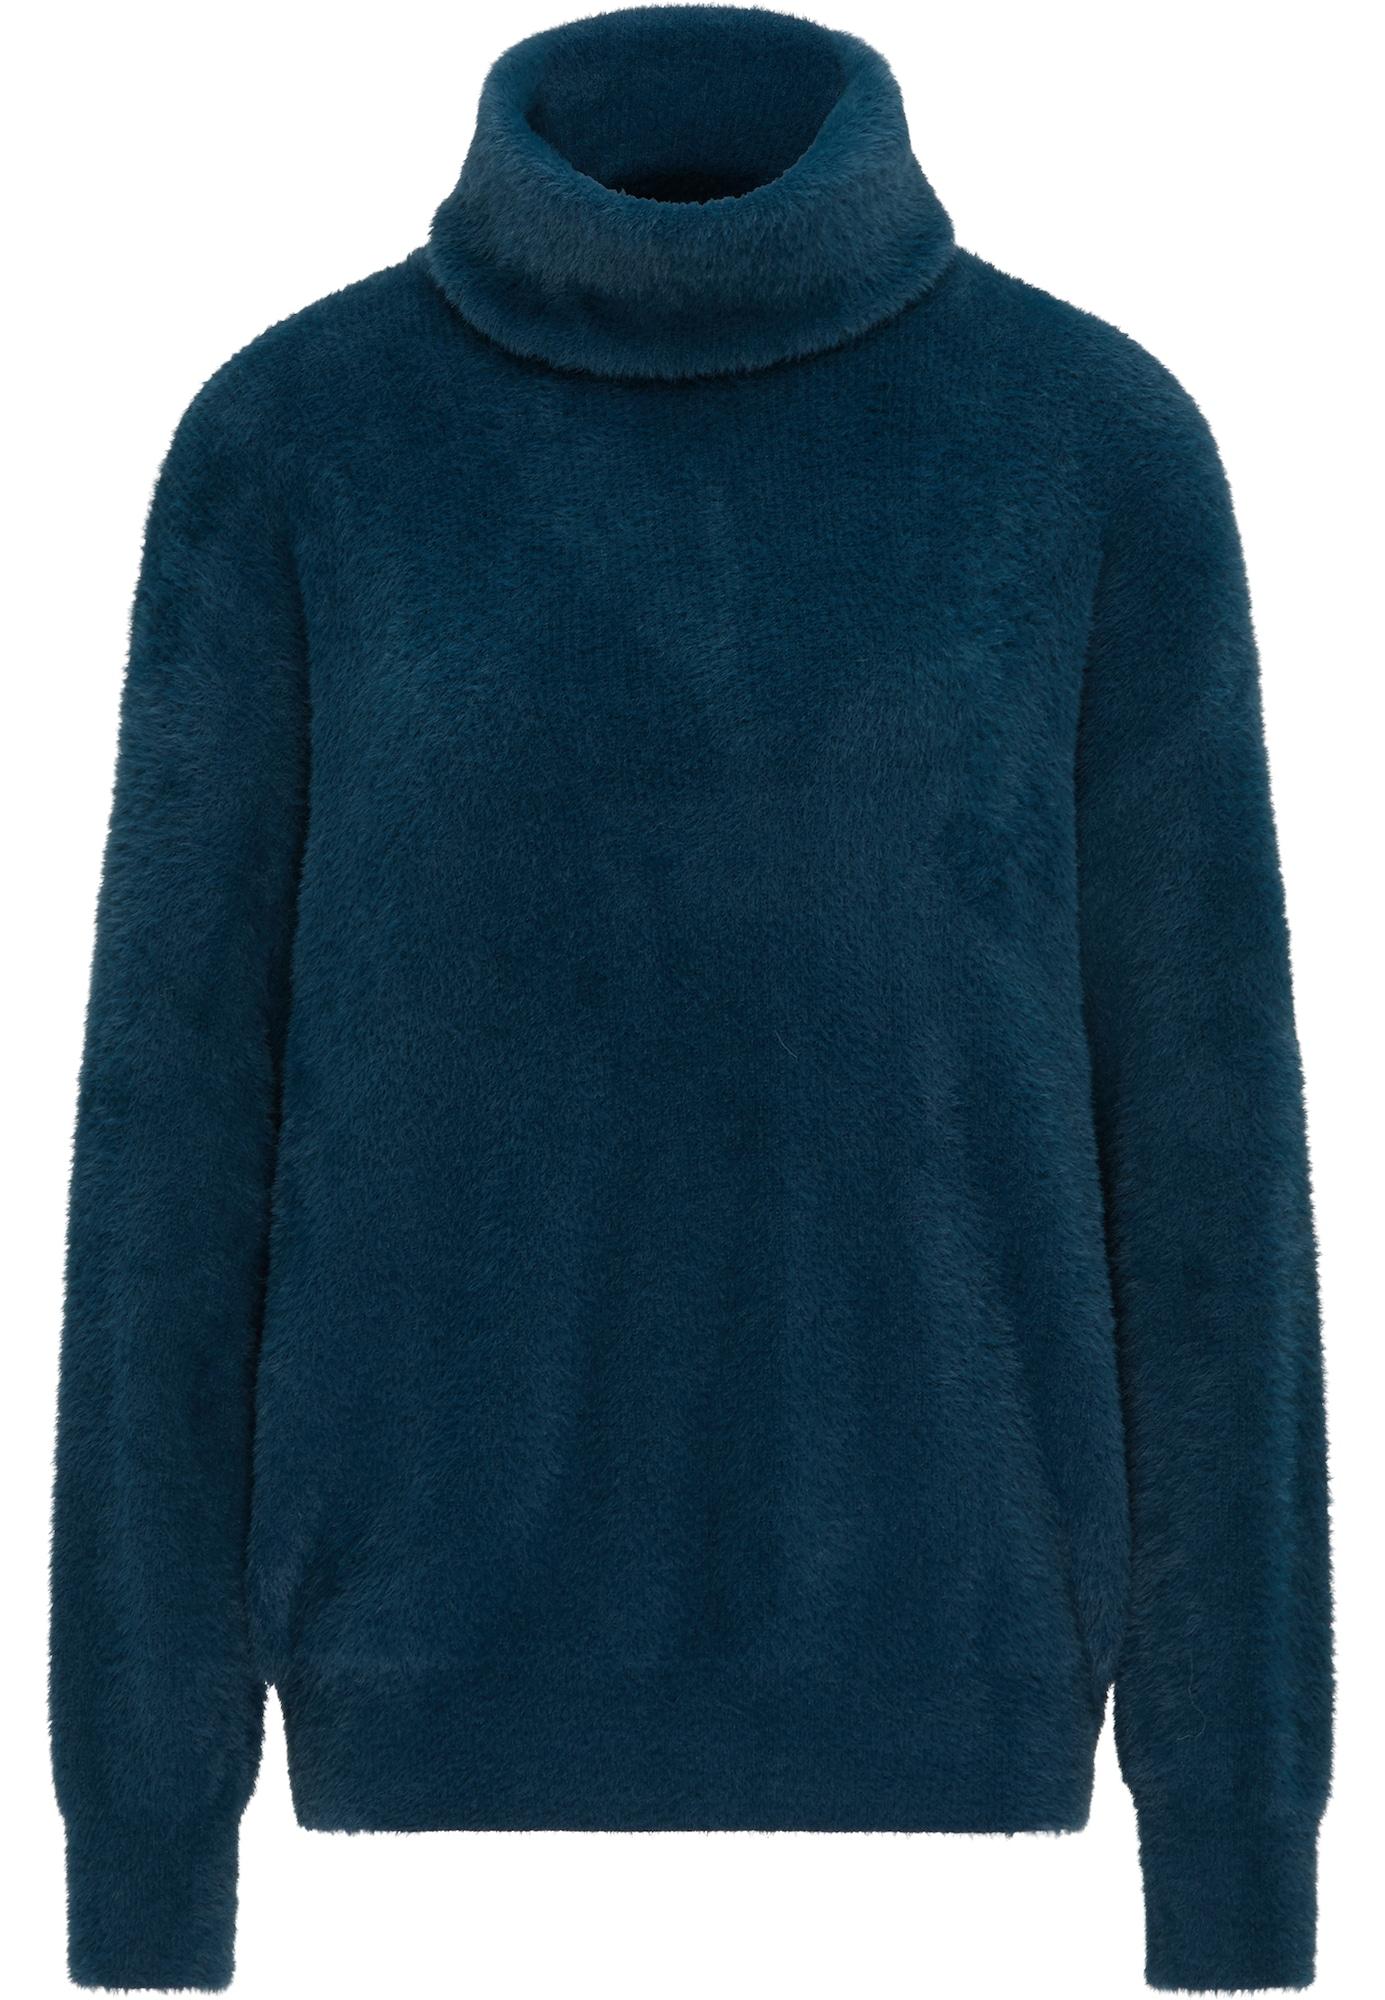 - CONTRAER - Megztinis turkio spalva